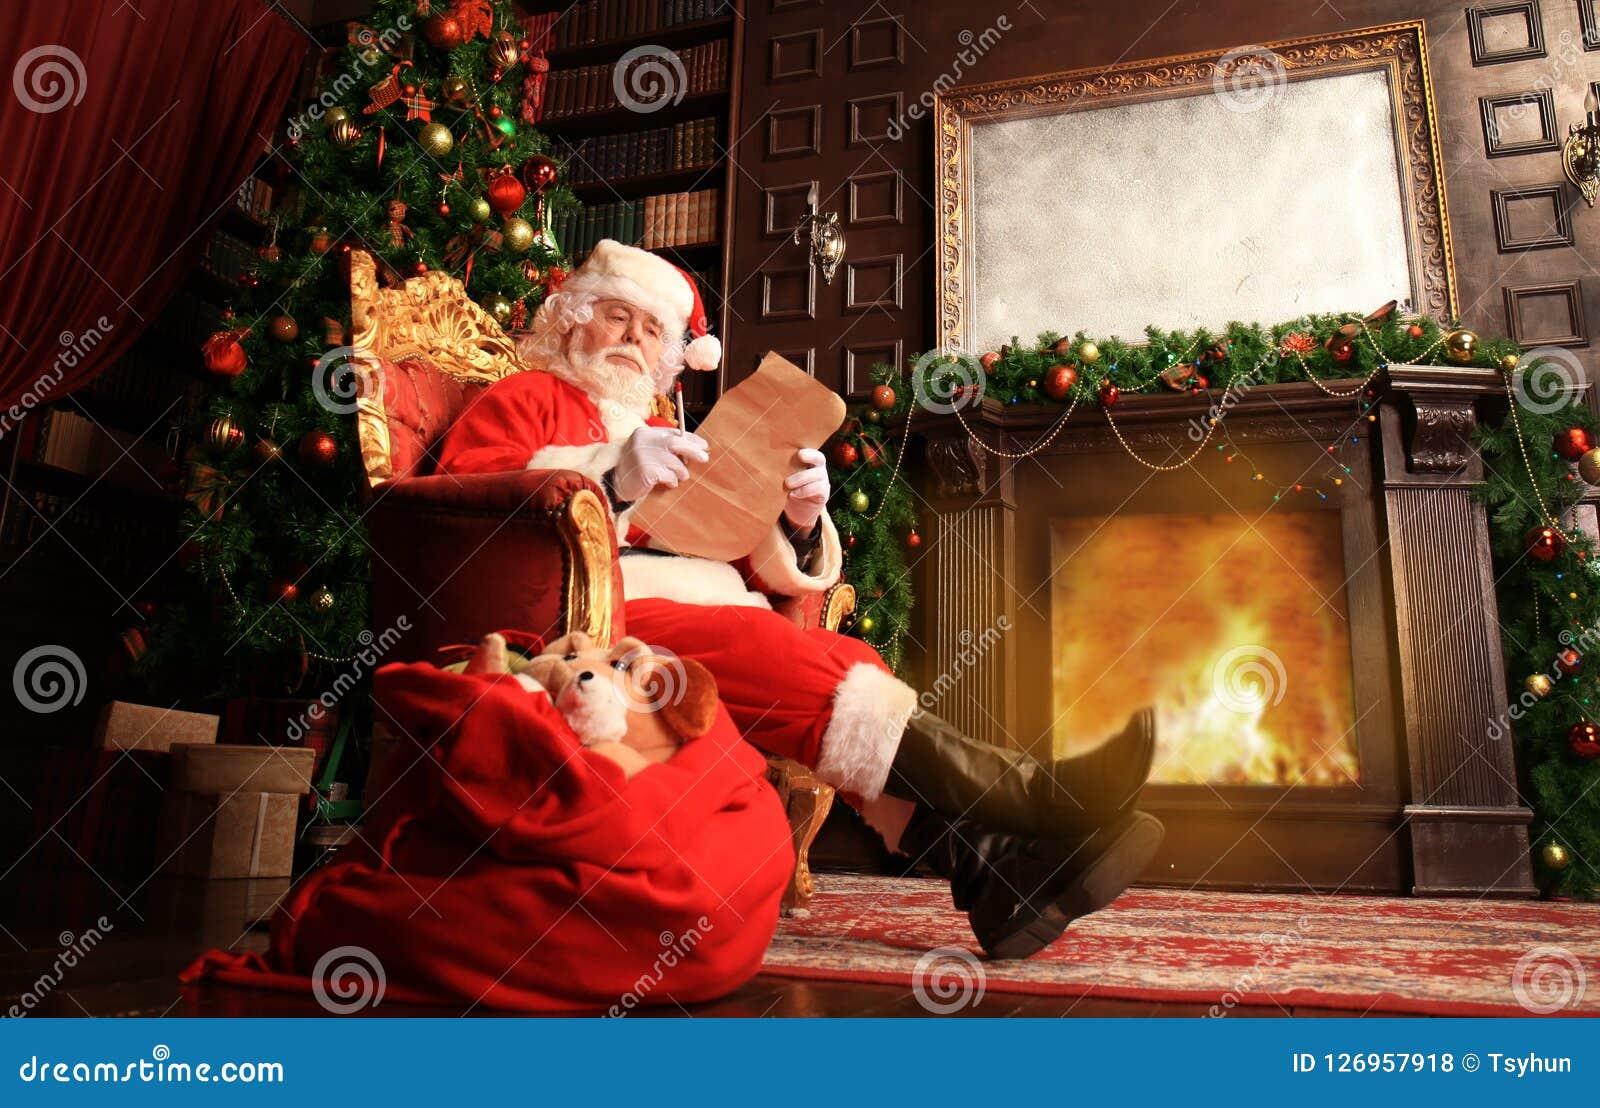 Retrato de Santa Claus feliz que senta-se em sua sala em casa perto da árvore de Natal e que lê a letra ou a lista de objetivos p